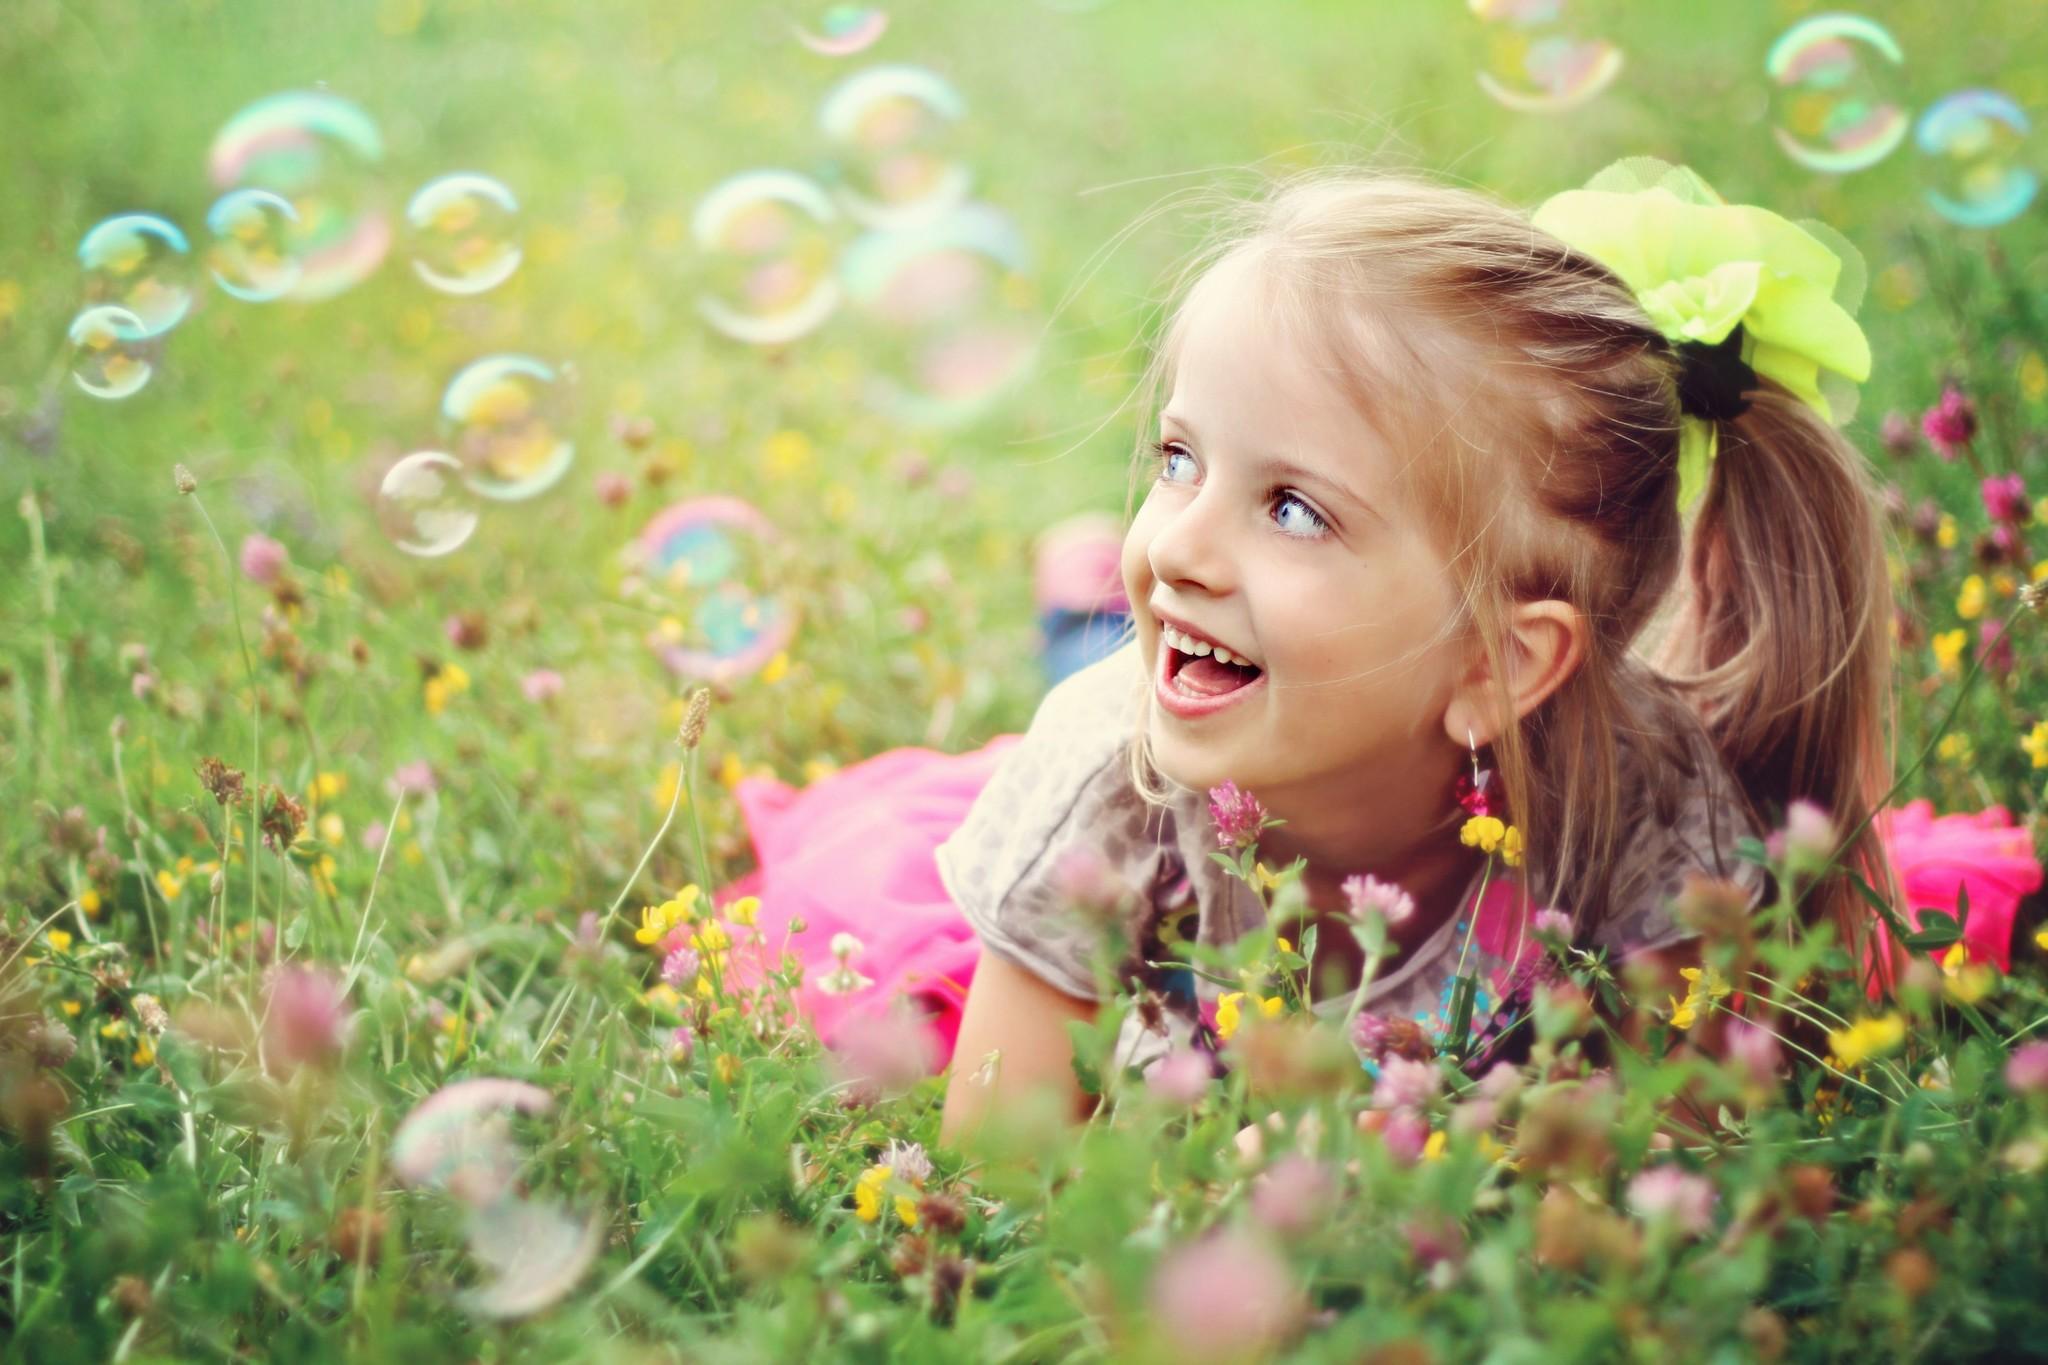 Счастье девочки картинки